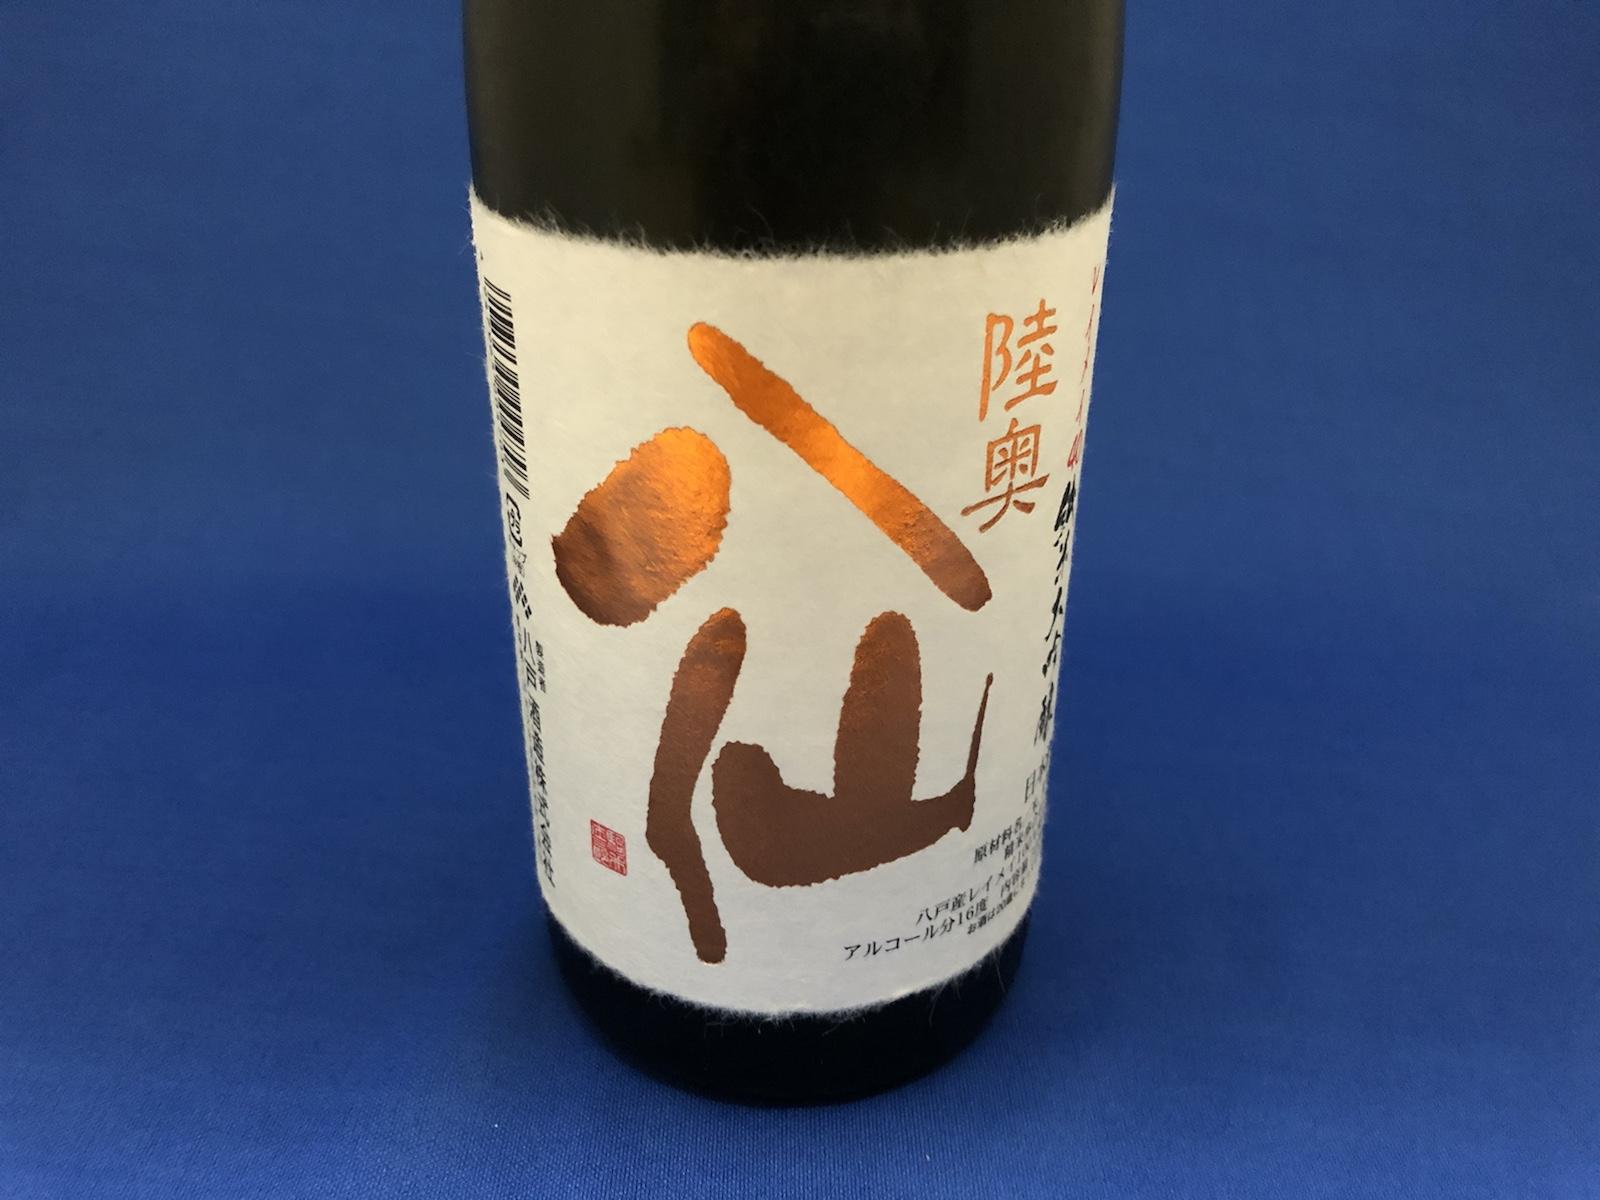 幻の米で醸す芳醇な限定日本酒「陸奥八仙レイメイ40純米大吟醸」